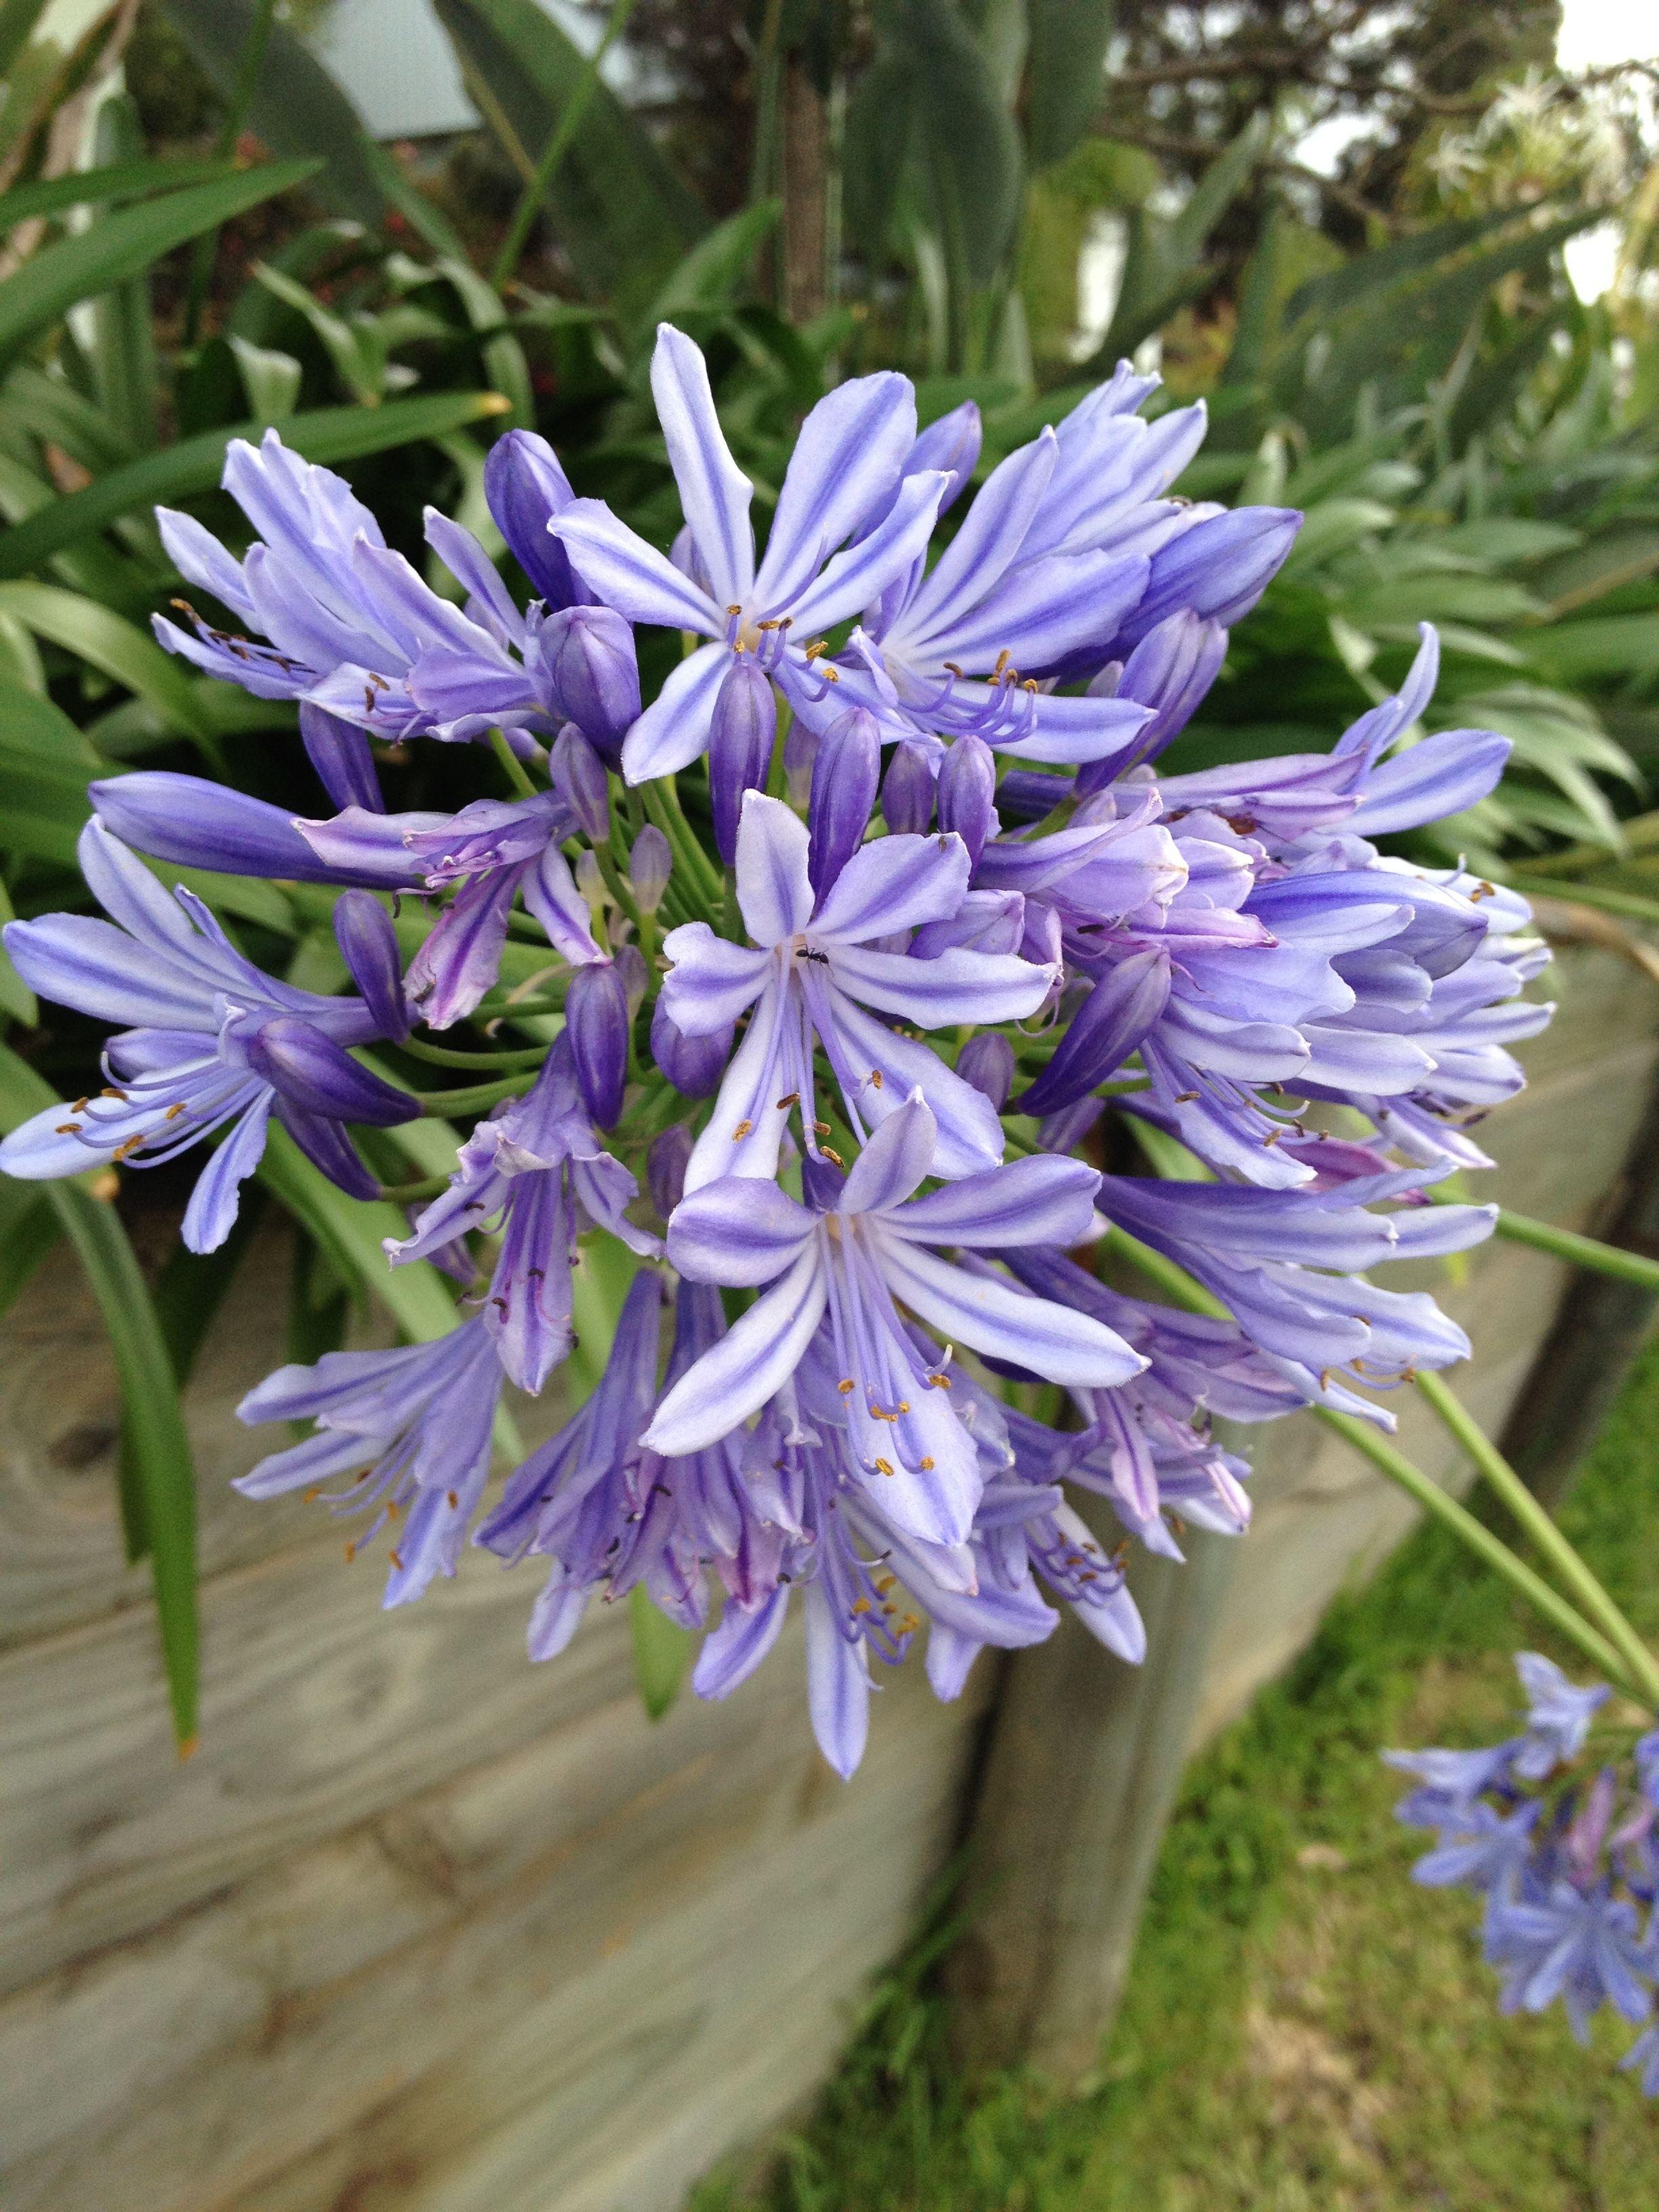 請問這種到底是什么花,屬于什么科的?澳洲春夏之間就開花,很常見!圖片